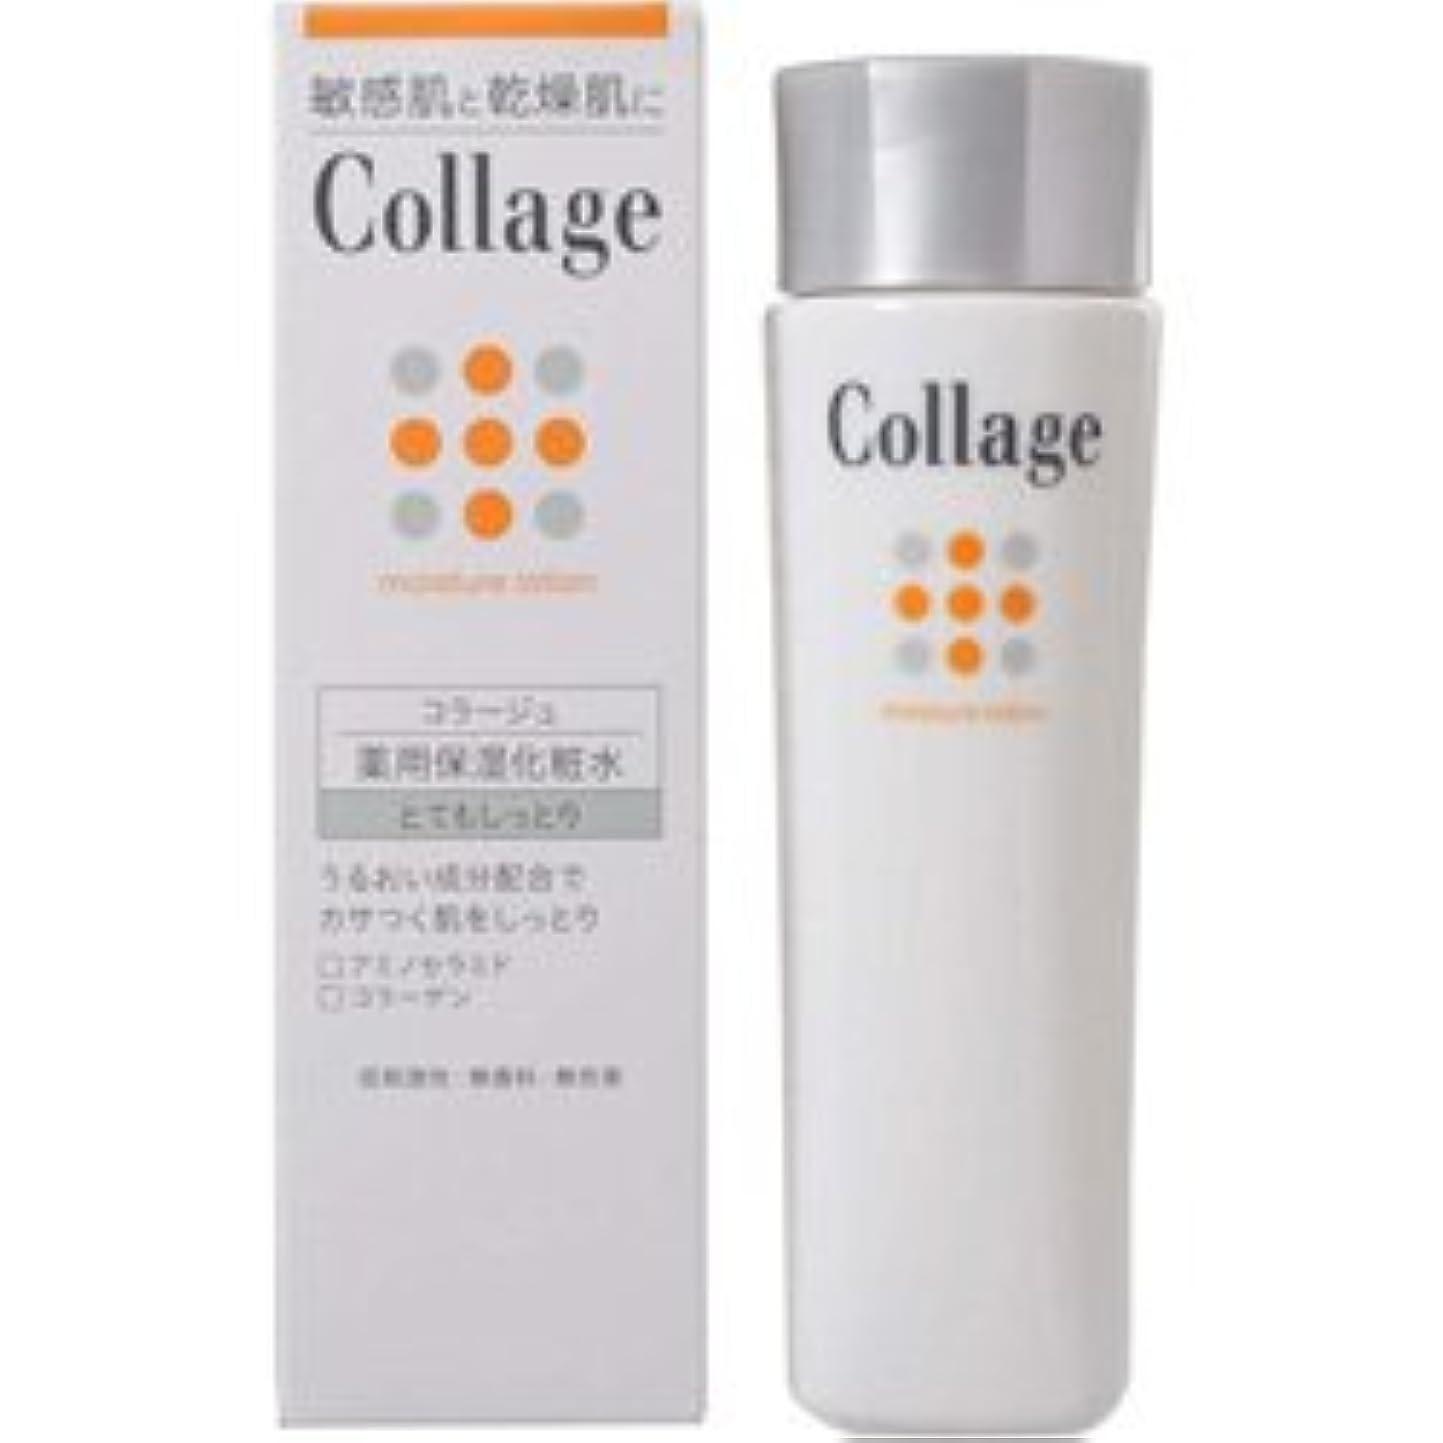 お気に入り概念子音【持田ヘルスケア】 コラージュ薬用保湿化粧水 とてもしっとり 120ml (医薬部外品) ×3個セット